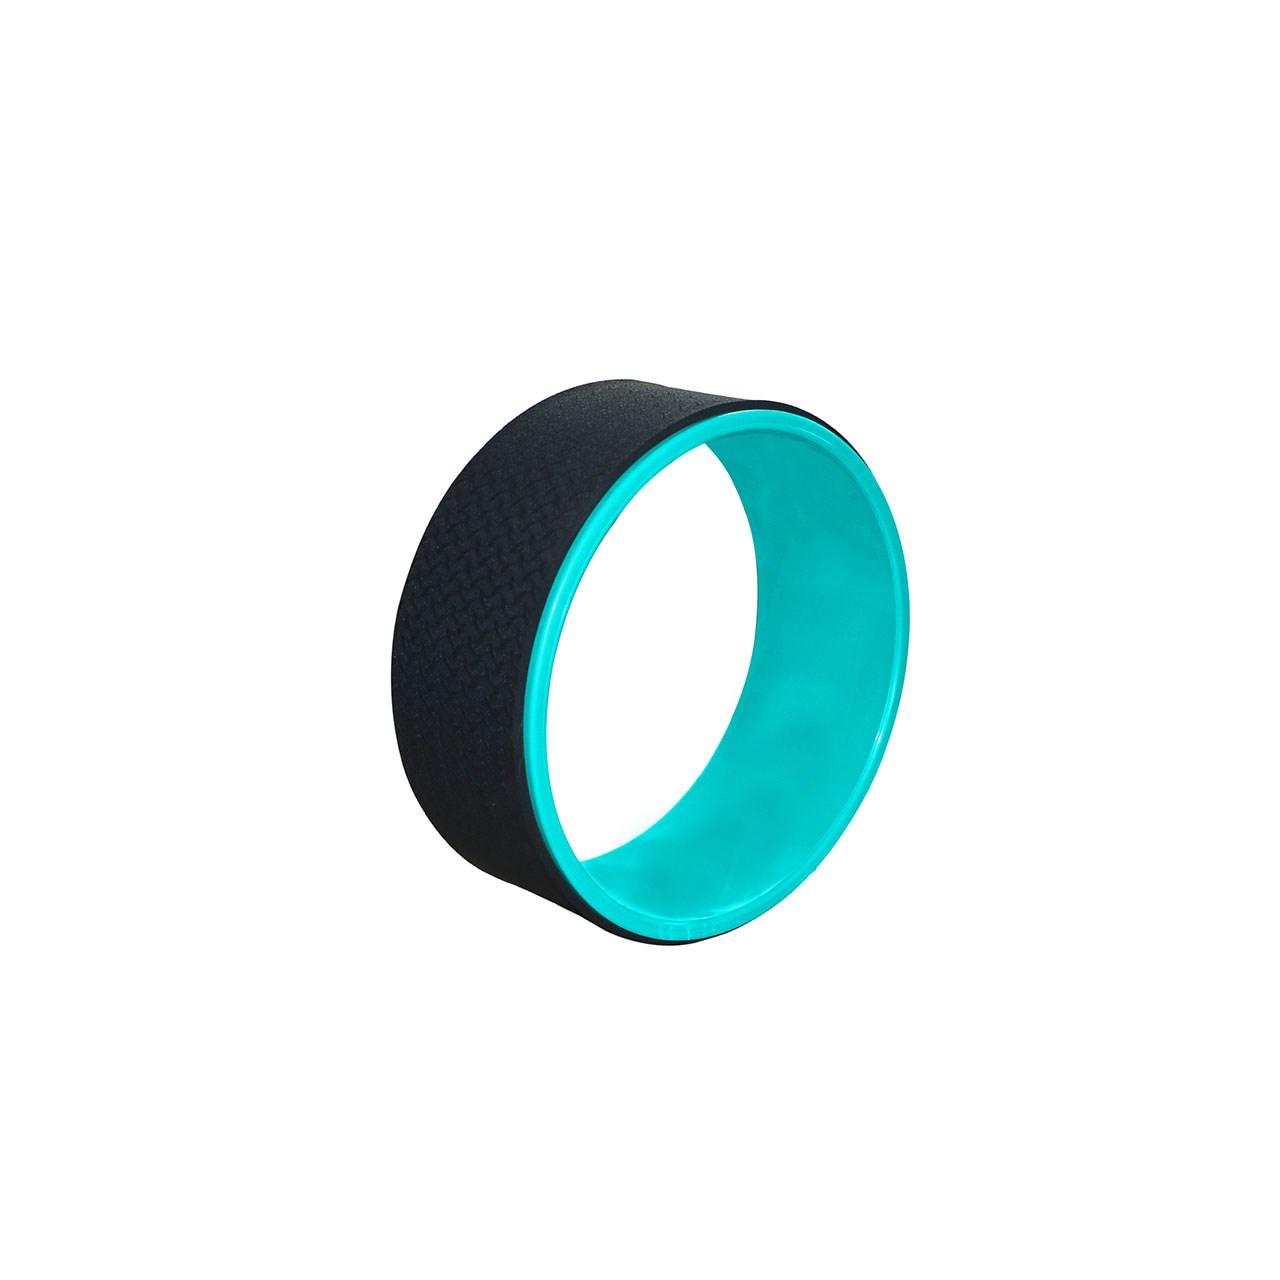 حلقه یوگا پاورجیم مدل001